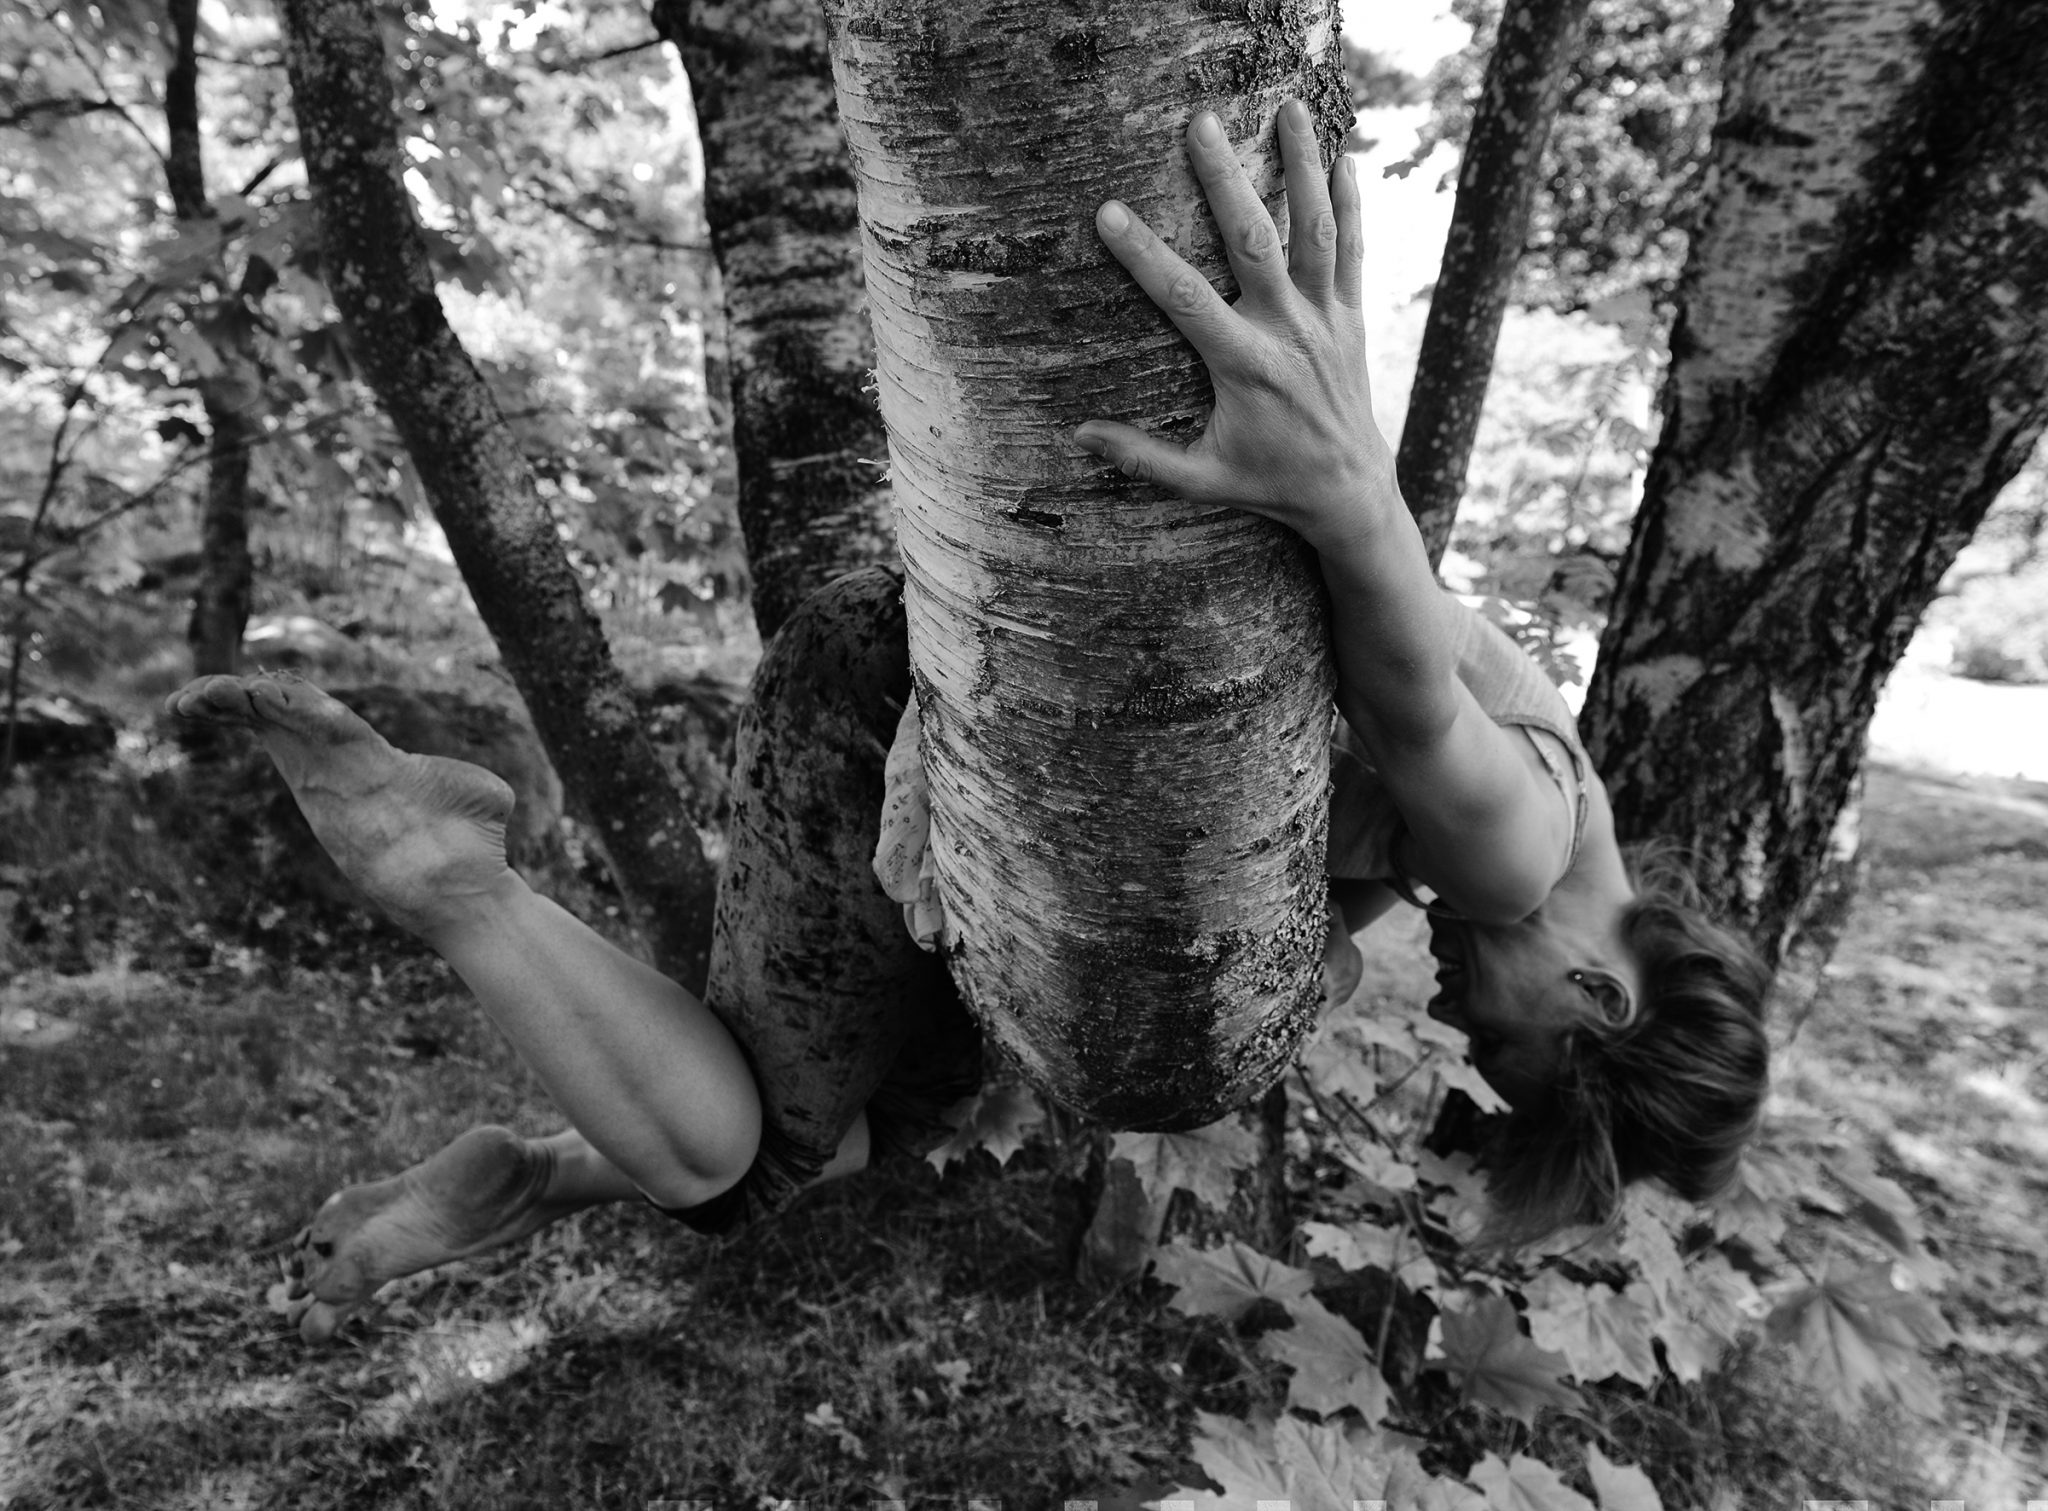 mustavalkoinen kuva jossa tanssija roikkuu puussa